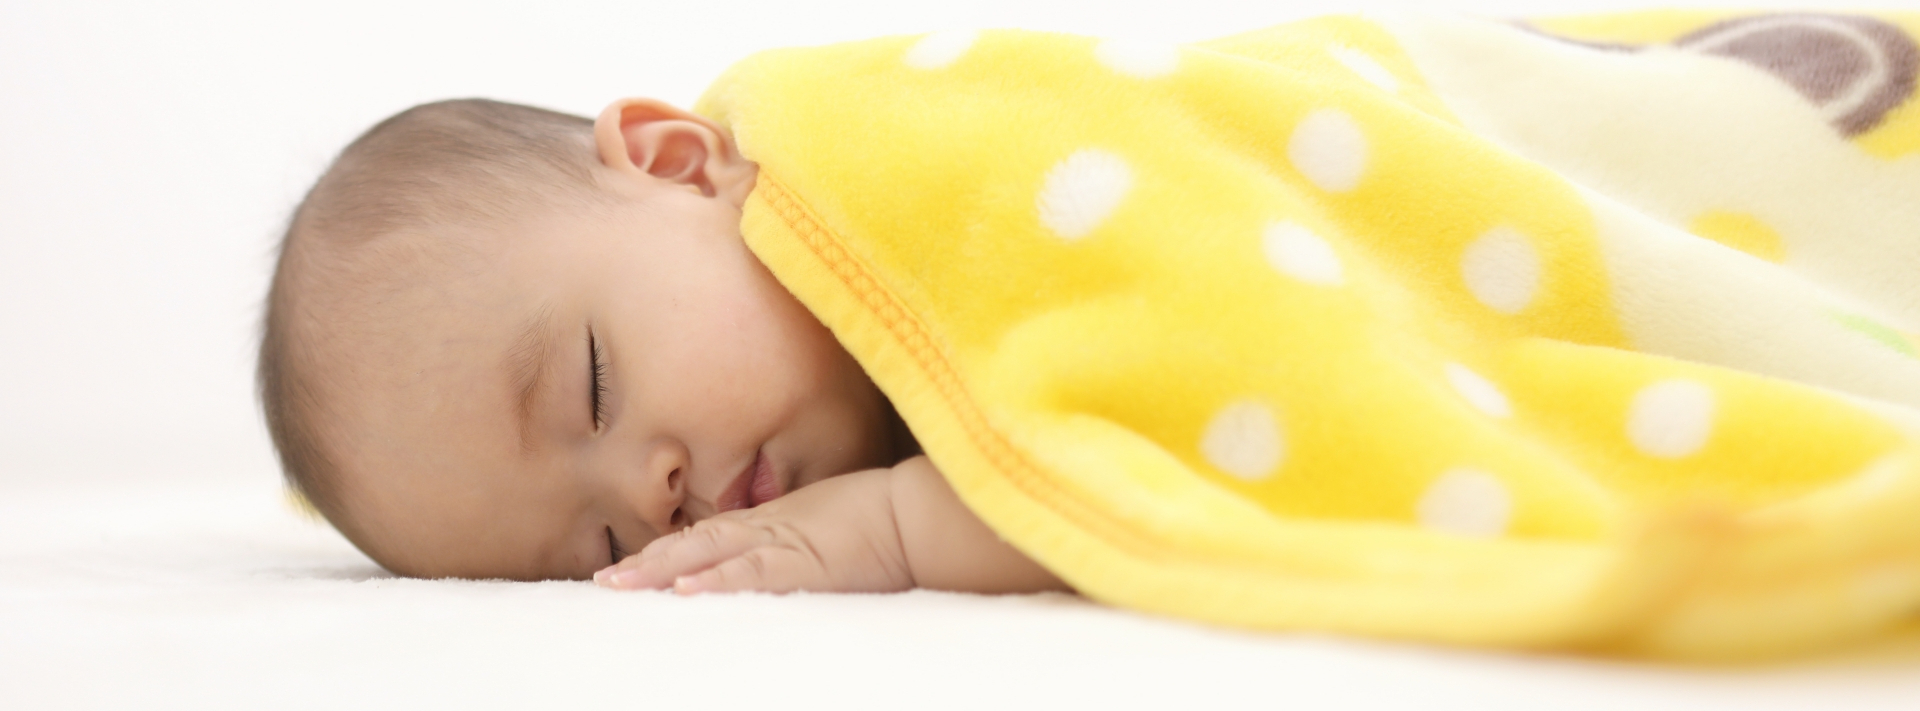 人生後半戦の3分の1に睡眠の管理とは|新おとな学 www.snias.com